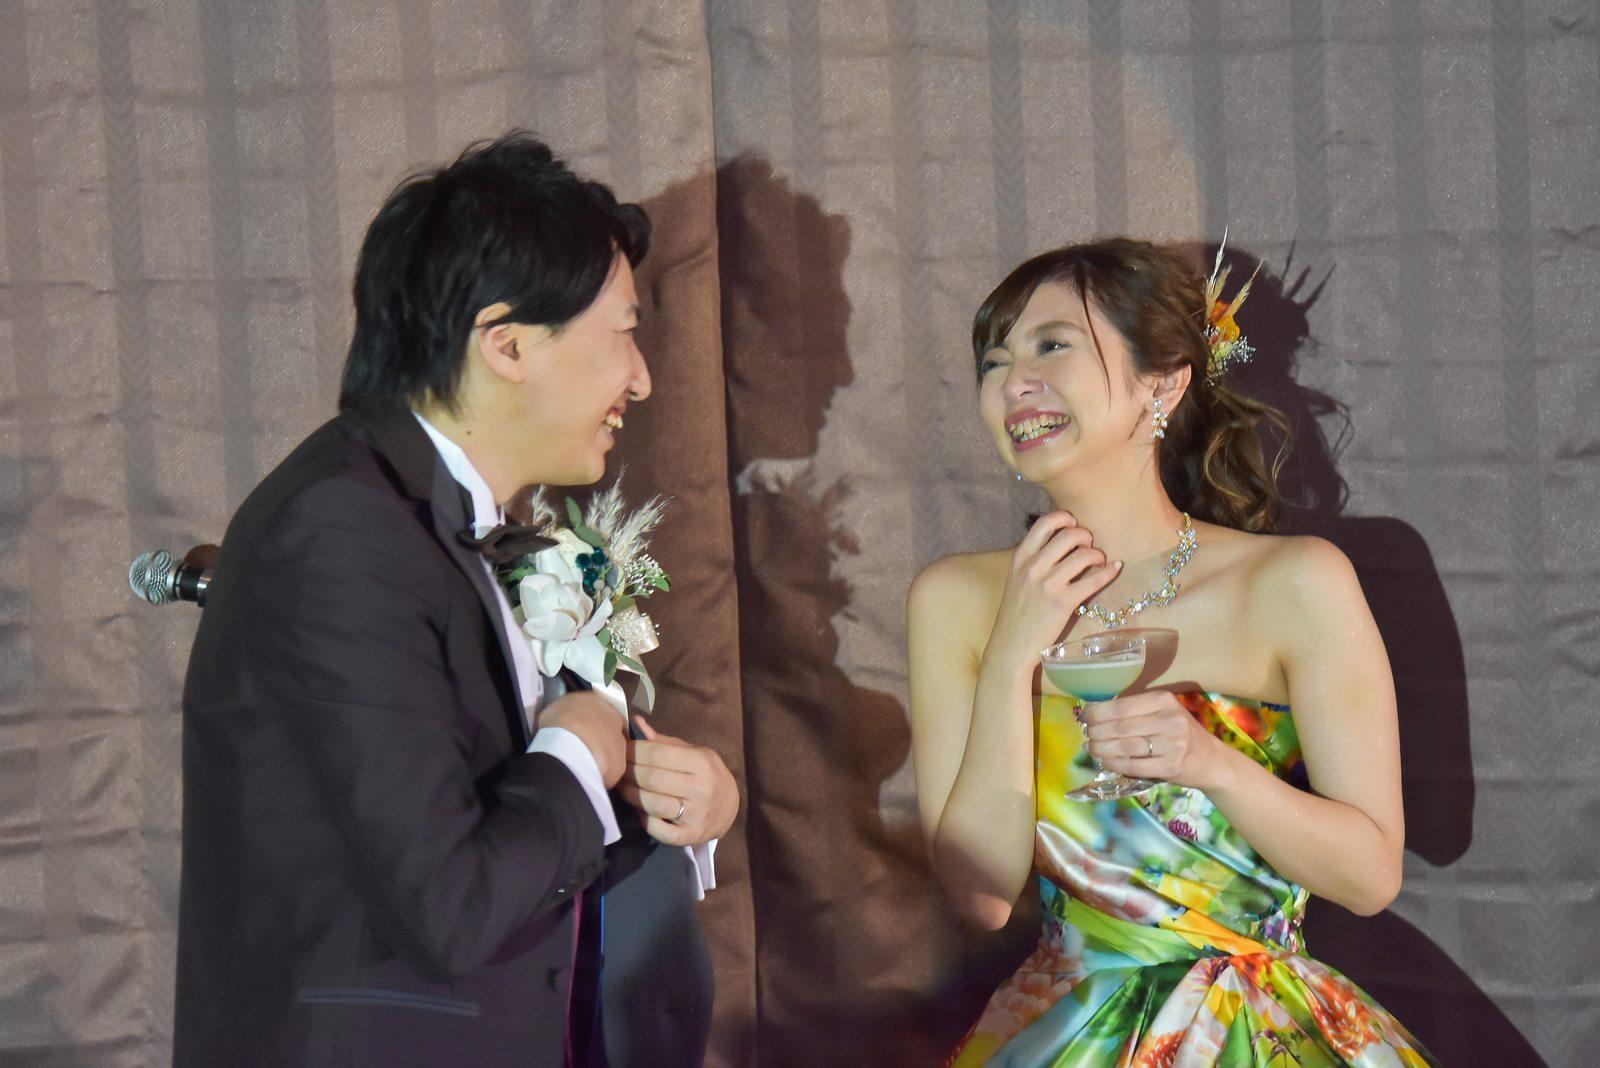 香川県の結婚式場シェルエメール&アイスタイルのカクテルサービス